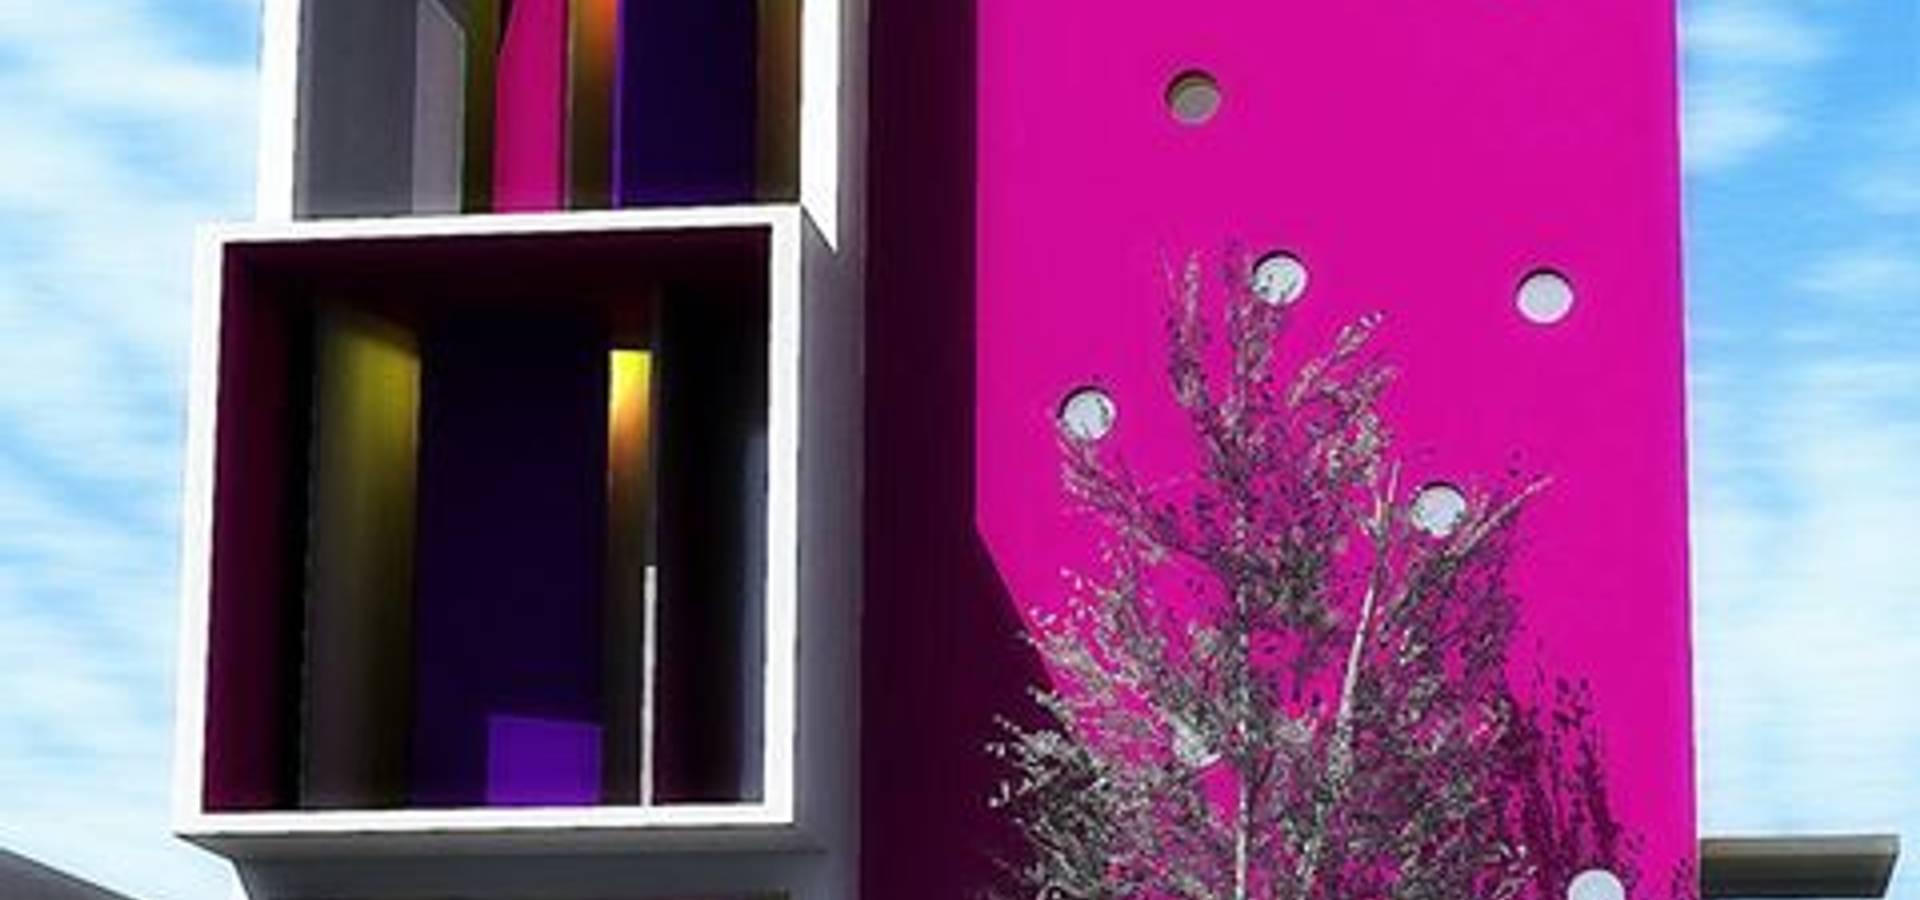 Factor 44 Arquitectura Arquitectos En Tulancingo De Bravo Homify # Muebles Tulancingo